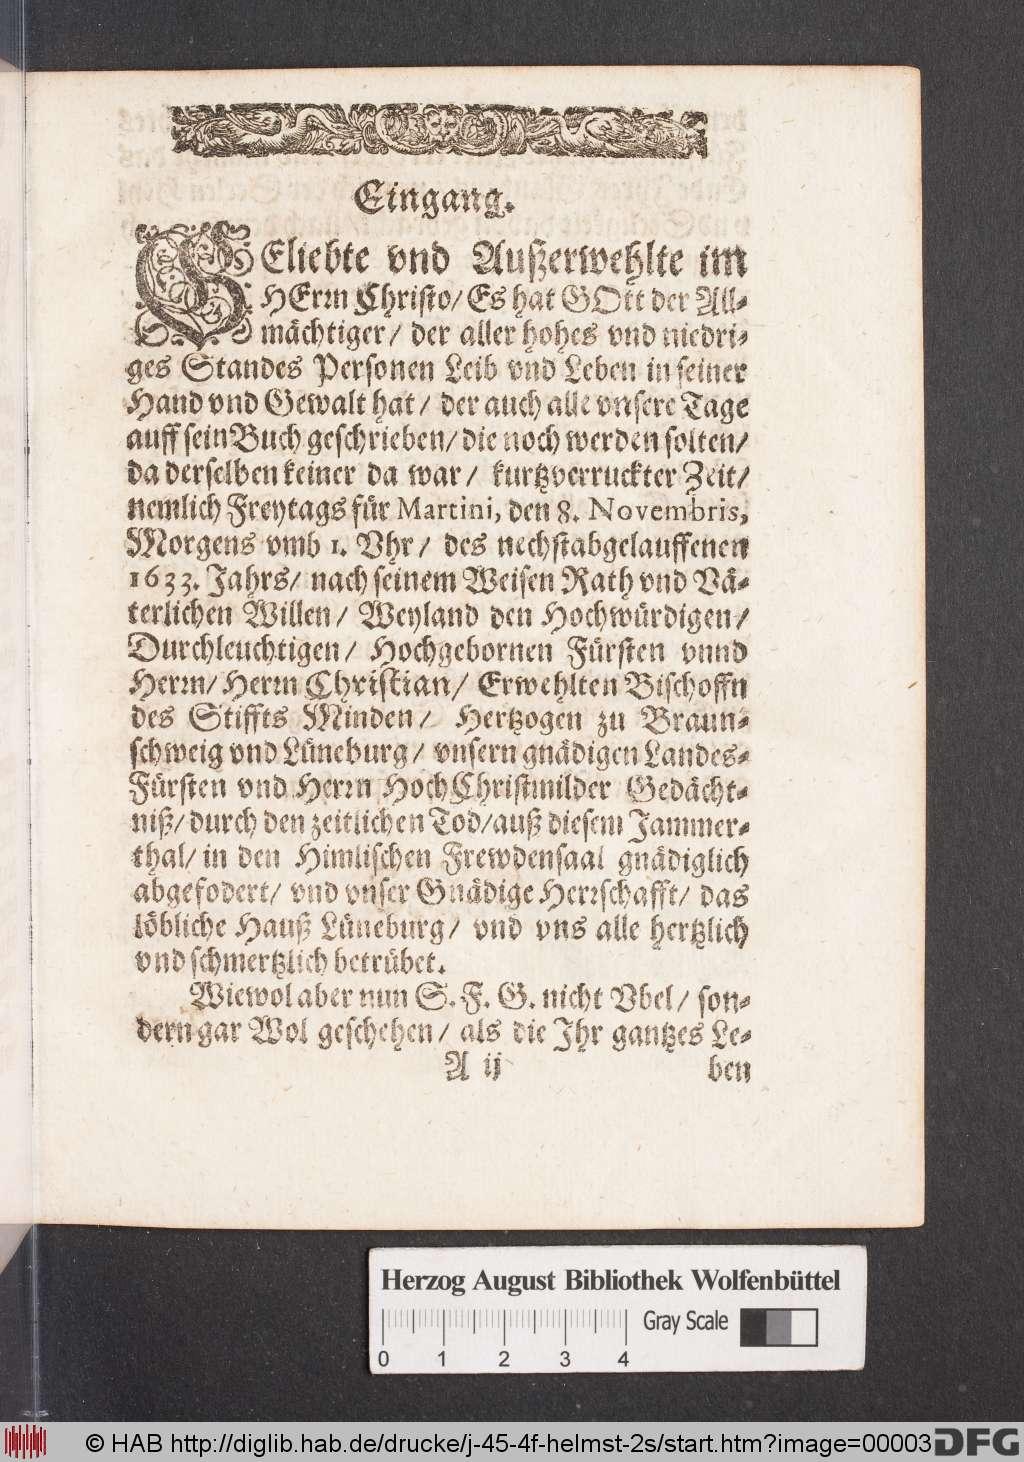 http://diglib.hab.de/drucke/j-45-4f-helmst-2s/00003.jpg